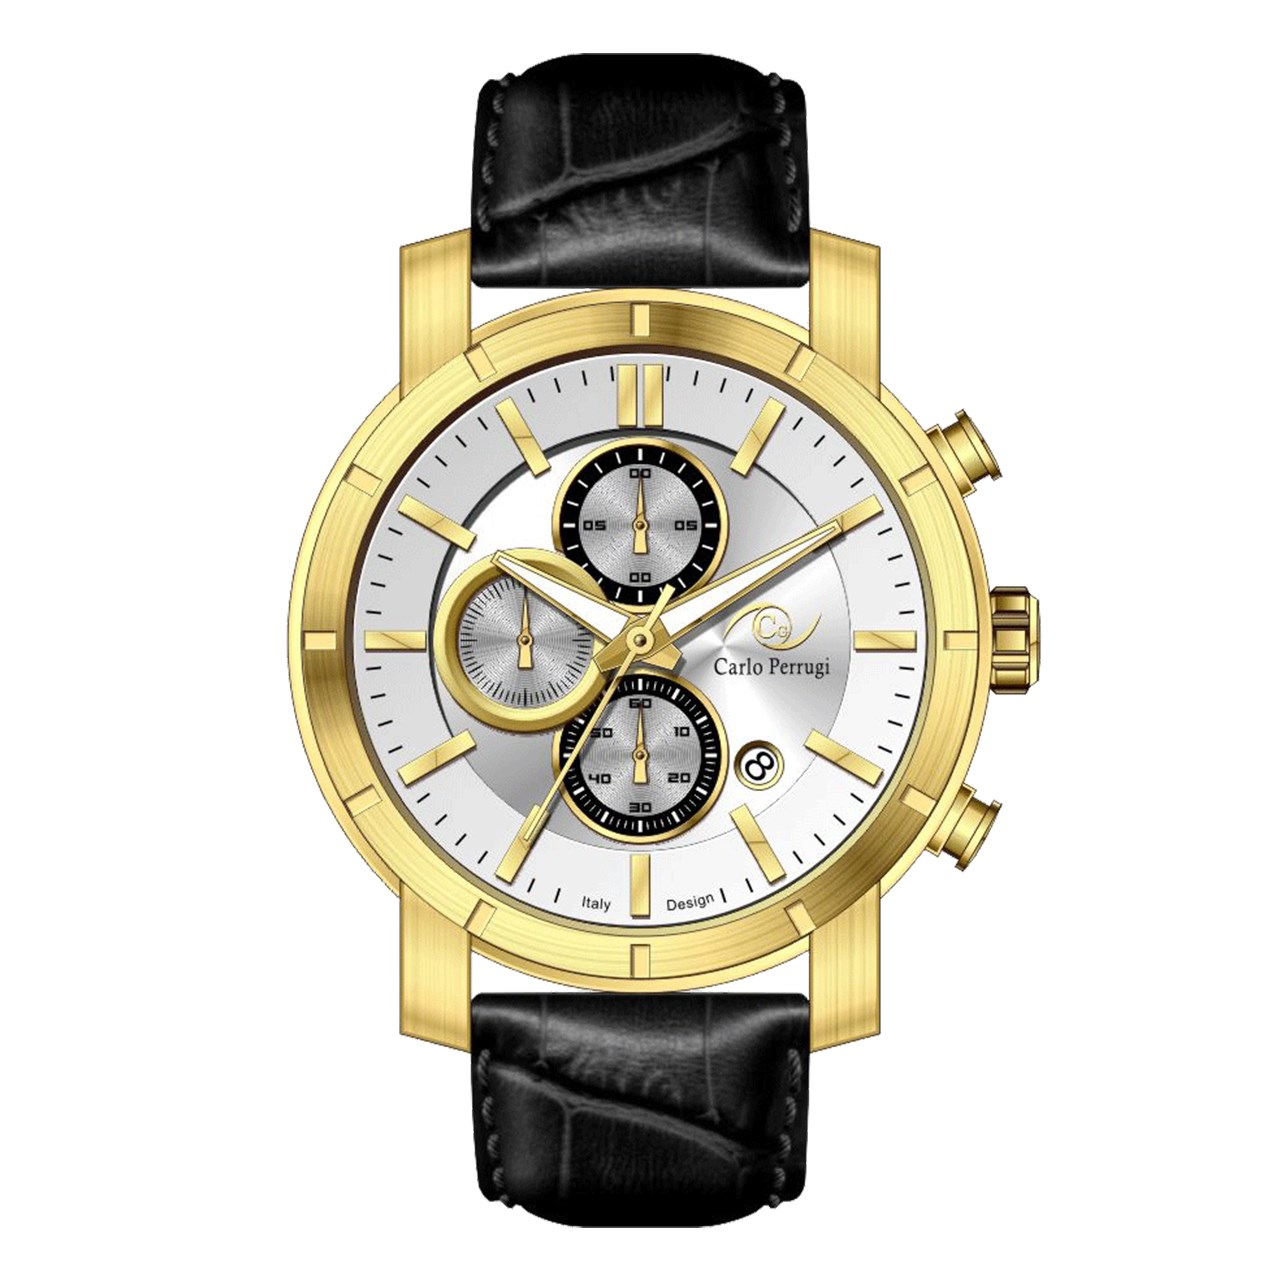 ساعت مچی عقربه ای مردانه کارلو پروجی مدل CG2052-4 12